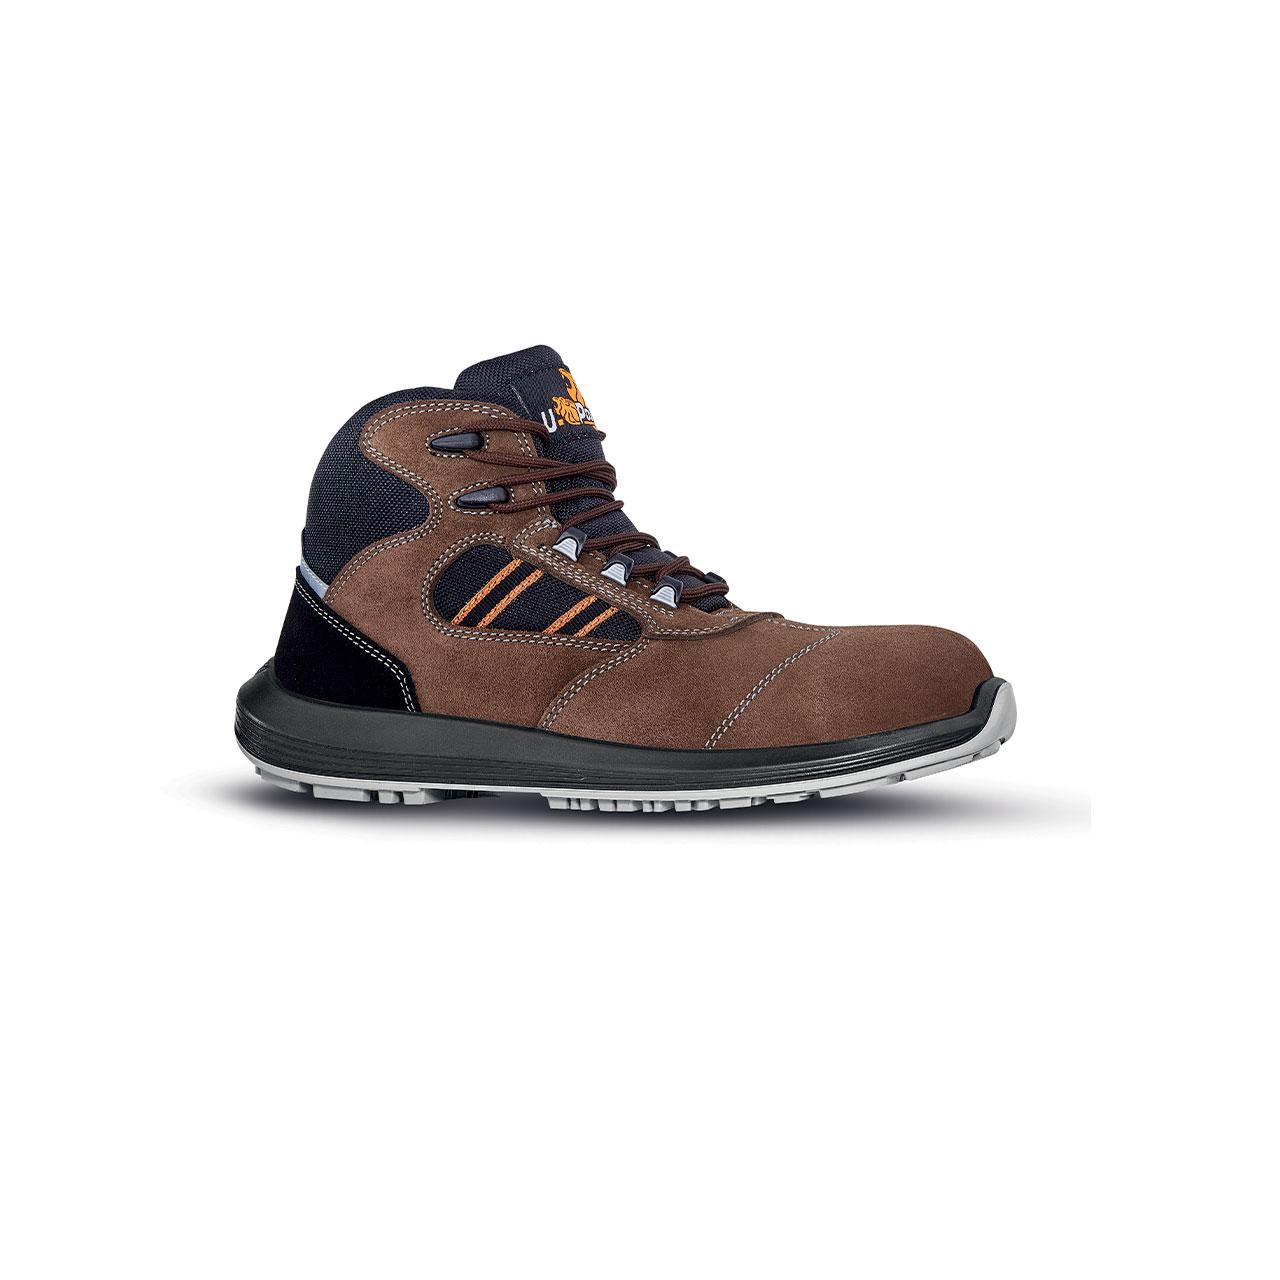 scarpa antinfortunistica upower modello bonde linea rock_roll vista laterale